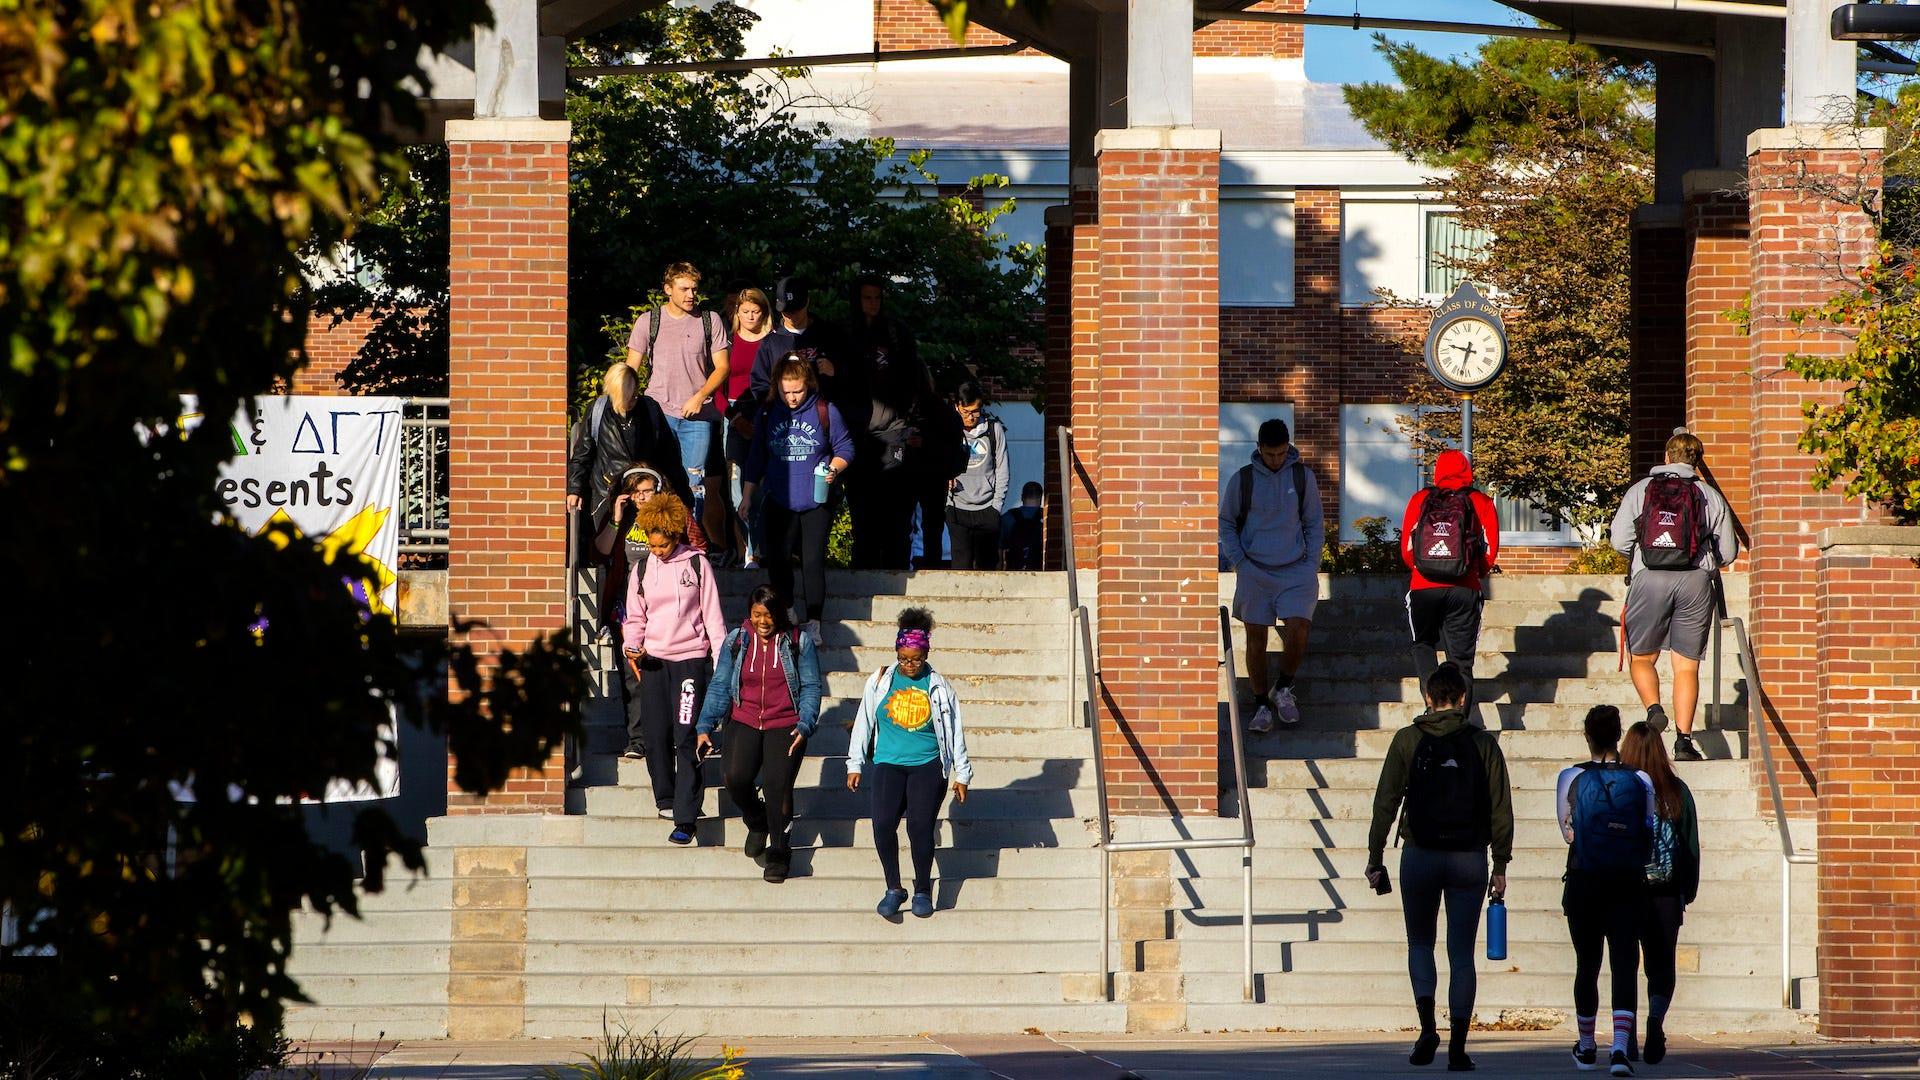 Sinh viên hy vọng trường đại học đổi cách chấm điểm trong giai đoạn khủng hoảng COVID-19